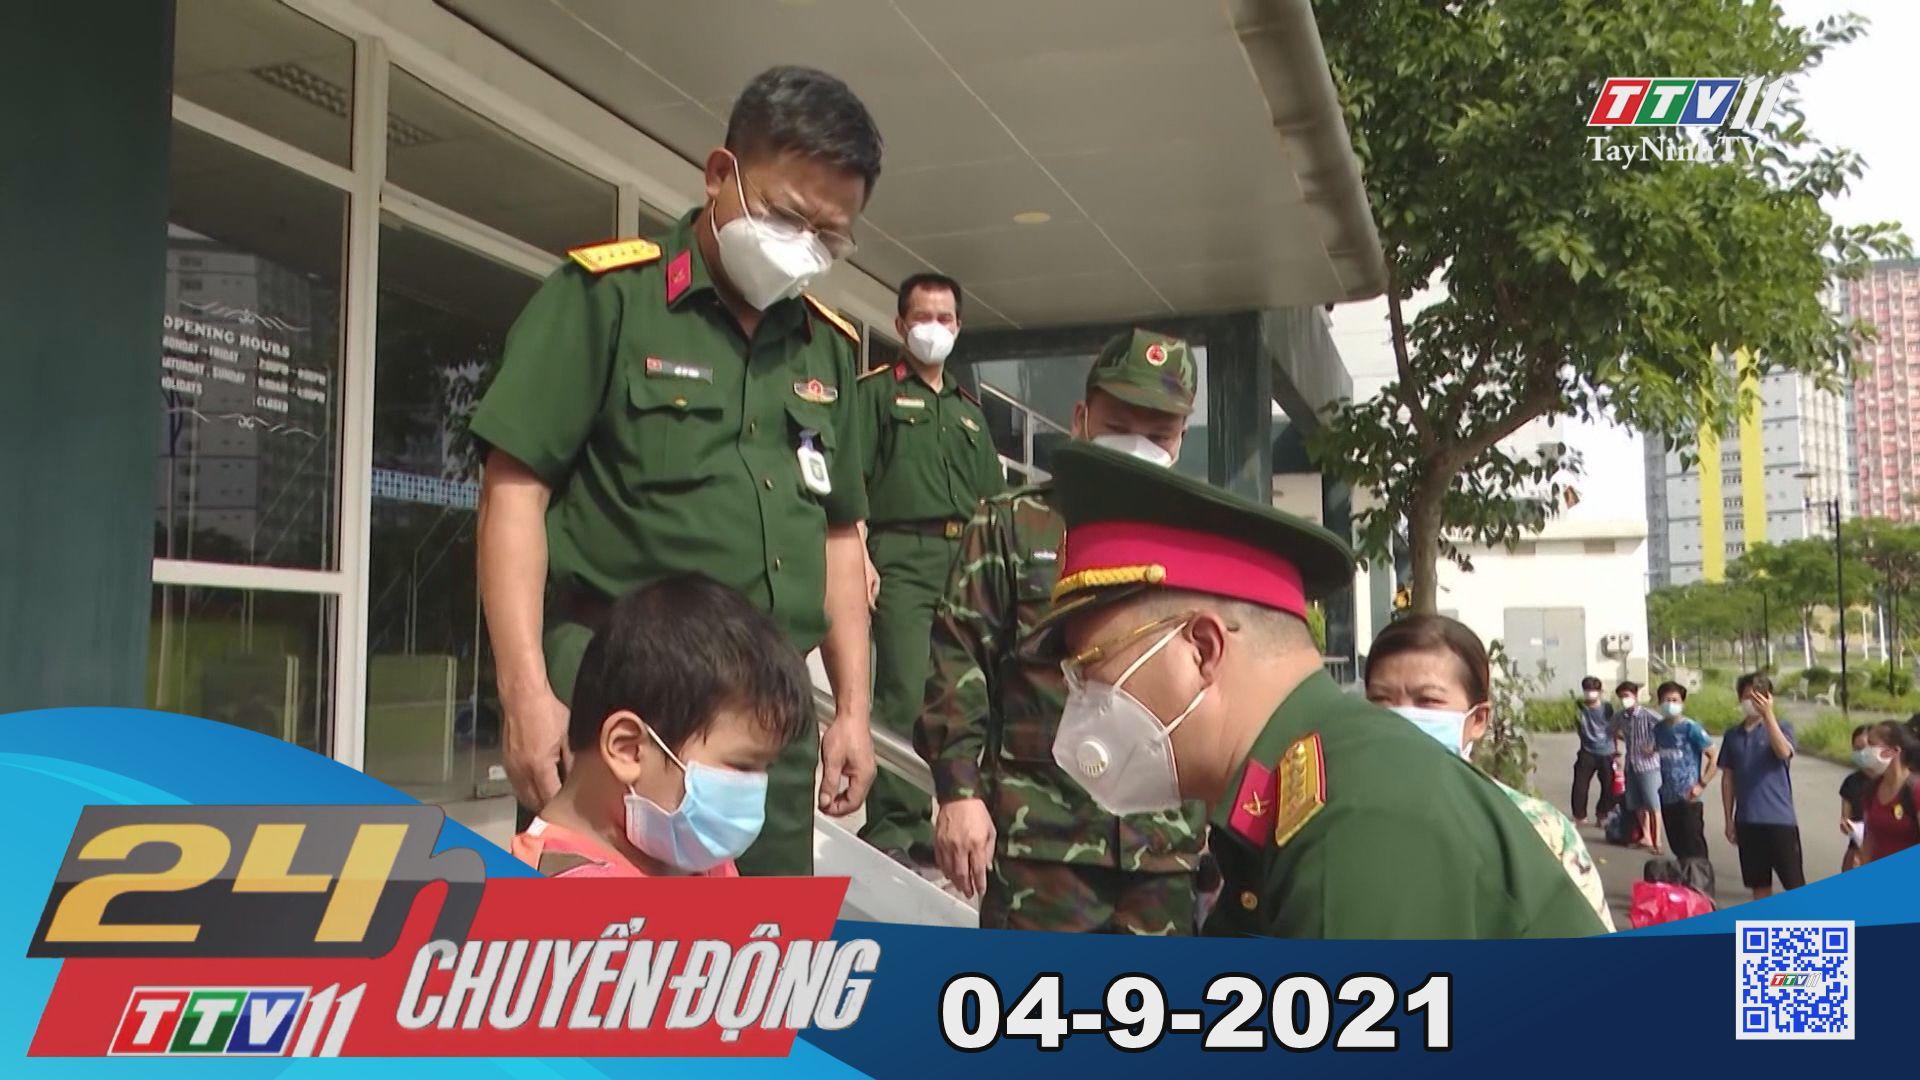 24h Chuyển động 04-9-2021 | Tin tức hôm nay | TayNinhTV